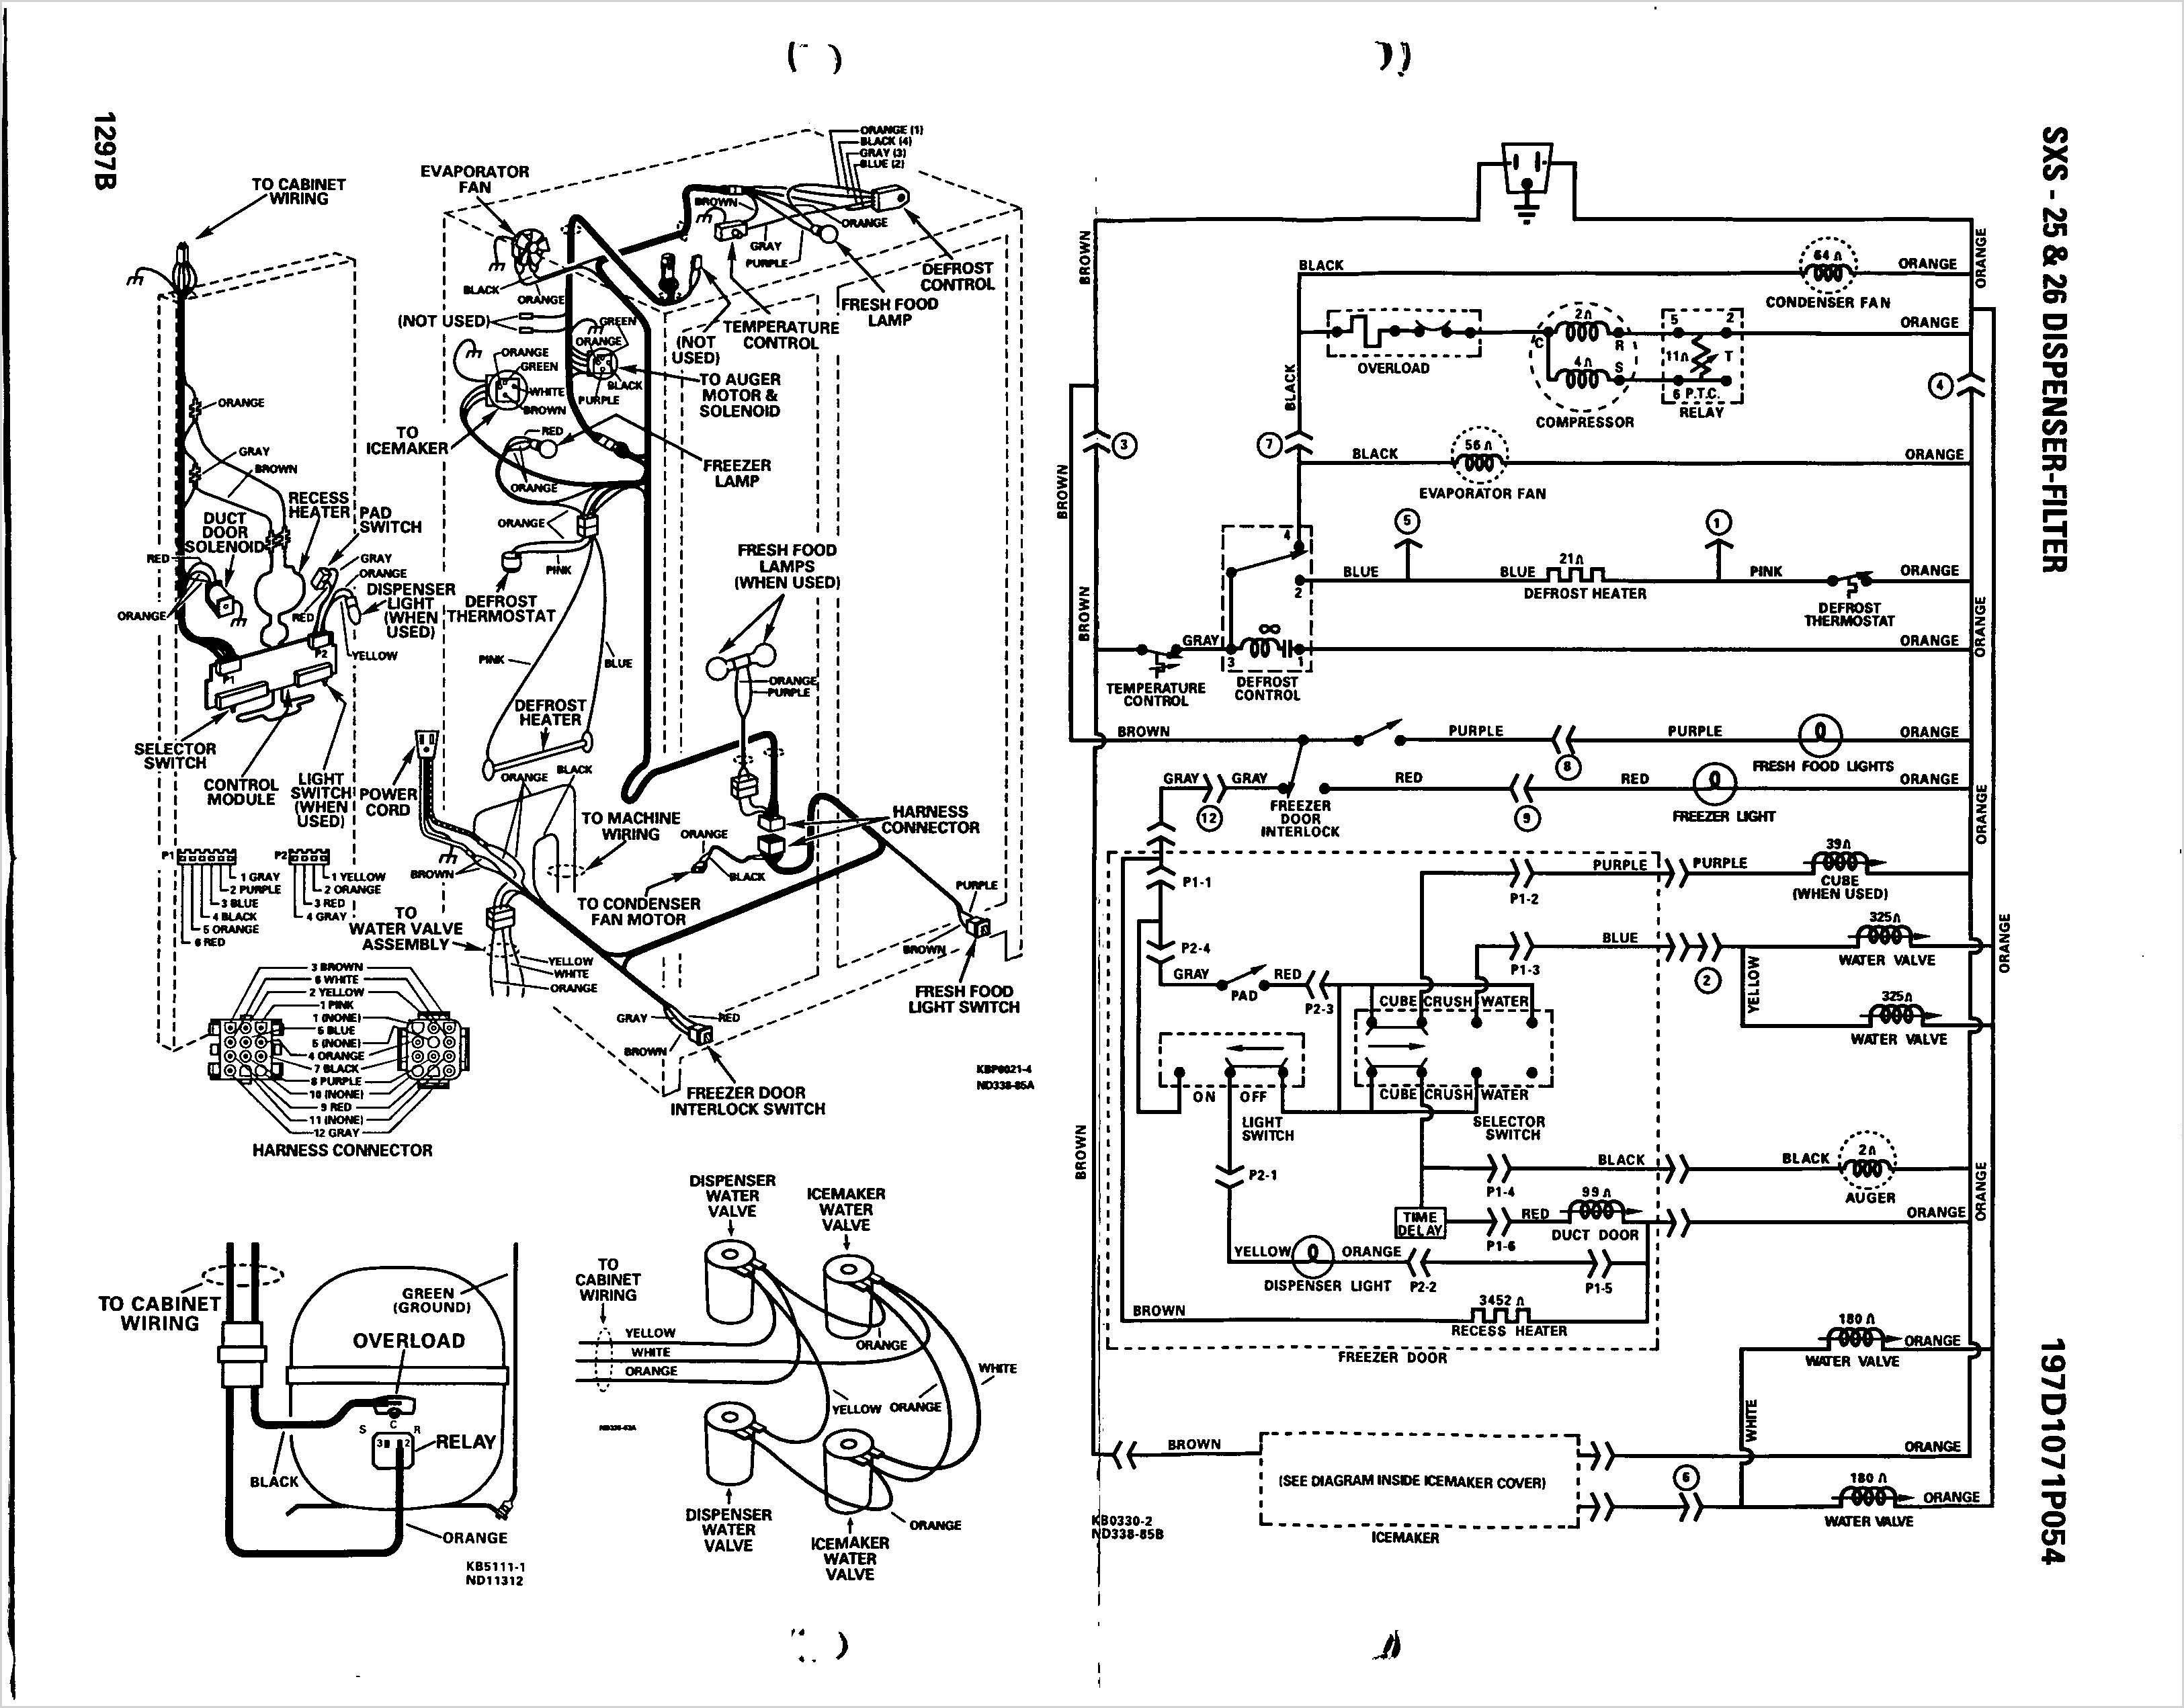 General Electric Motor Wiring Diagram Best Wiring Diagram for Ge Dryer Motor Of General Electric Motor Wiring Diagram